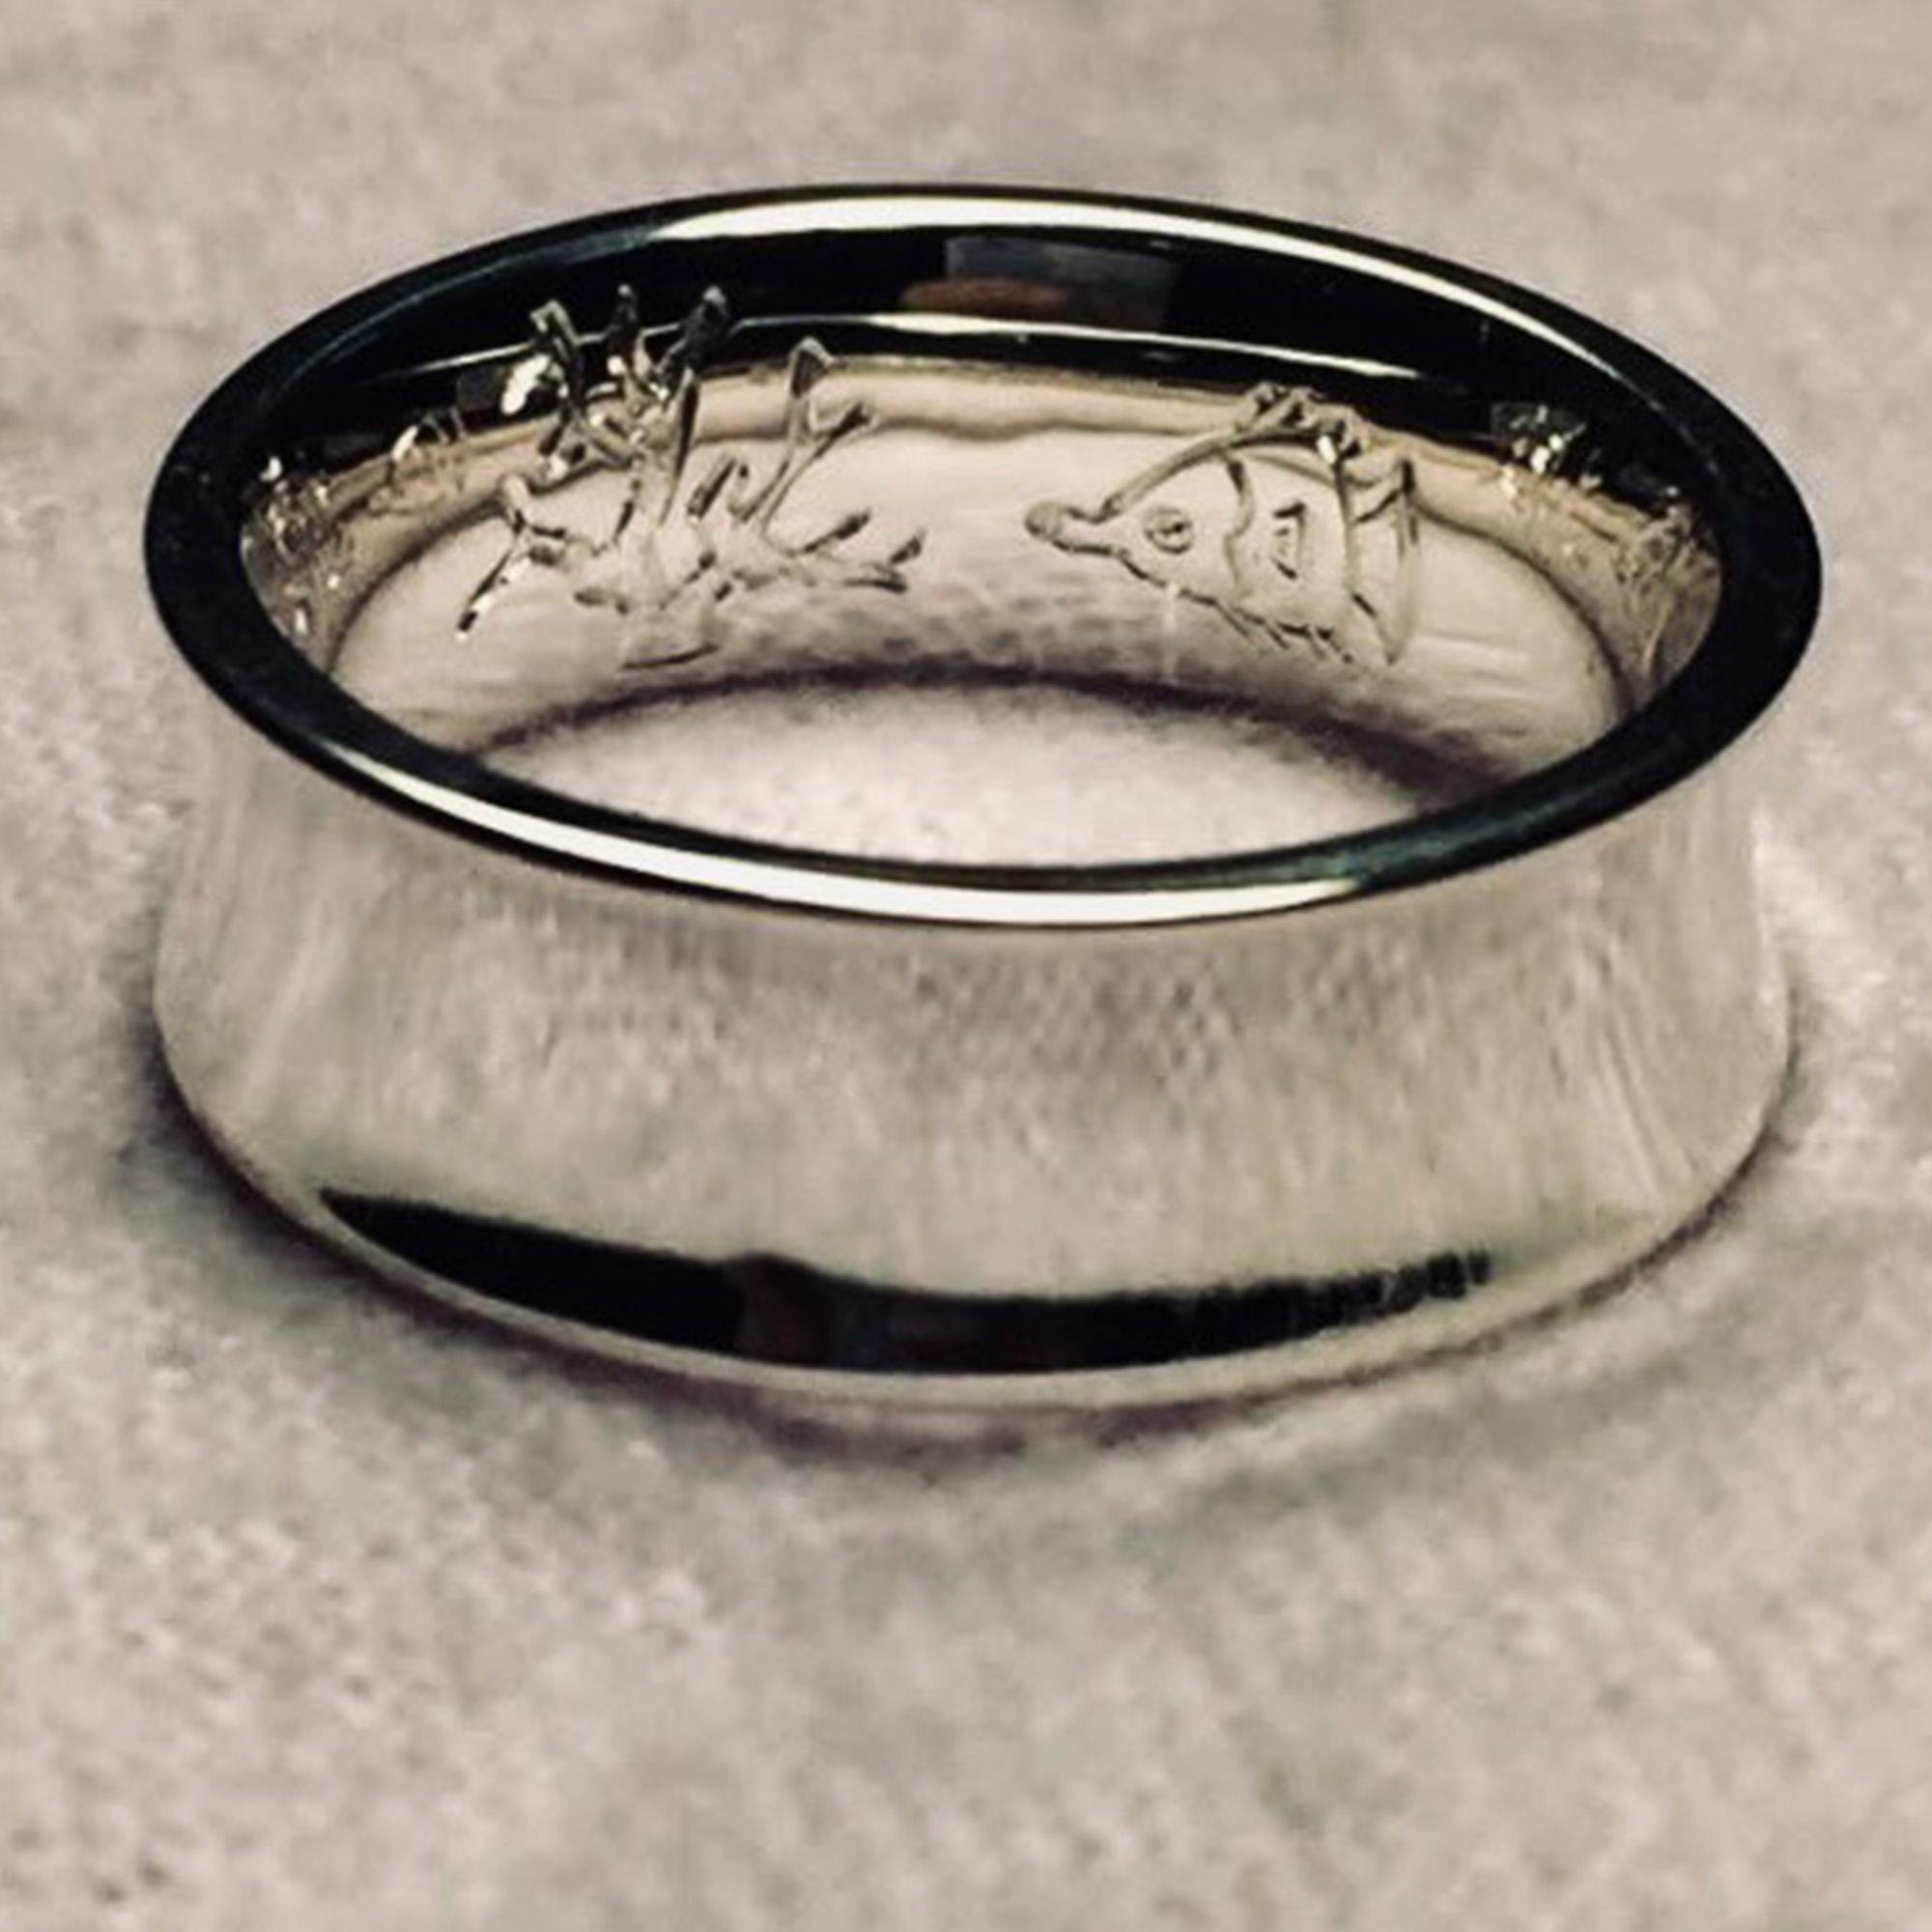 Inner Ring Engraving